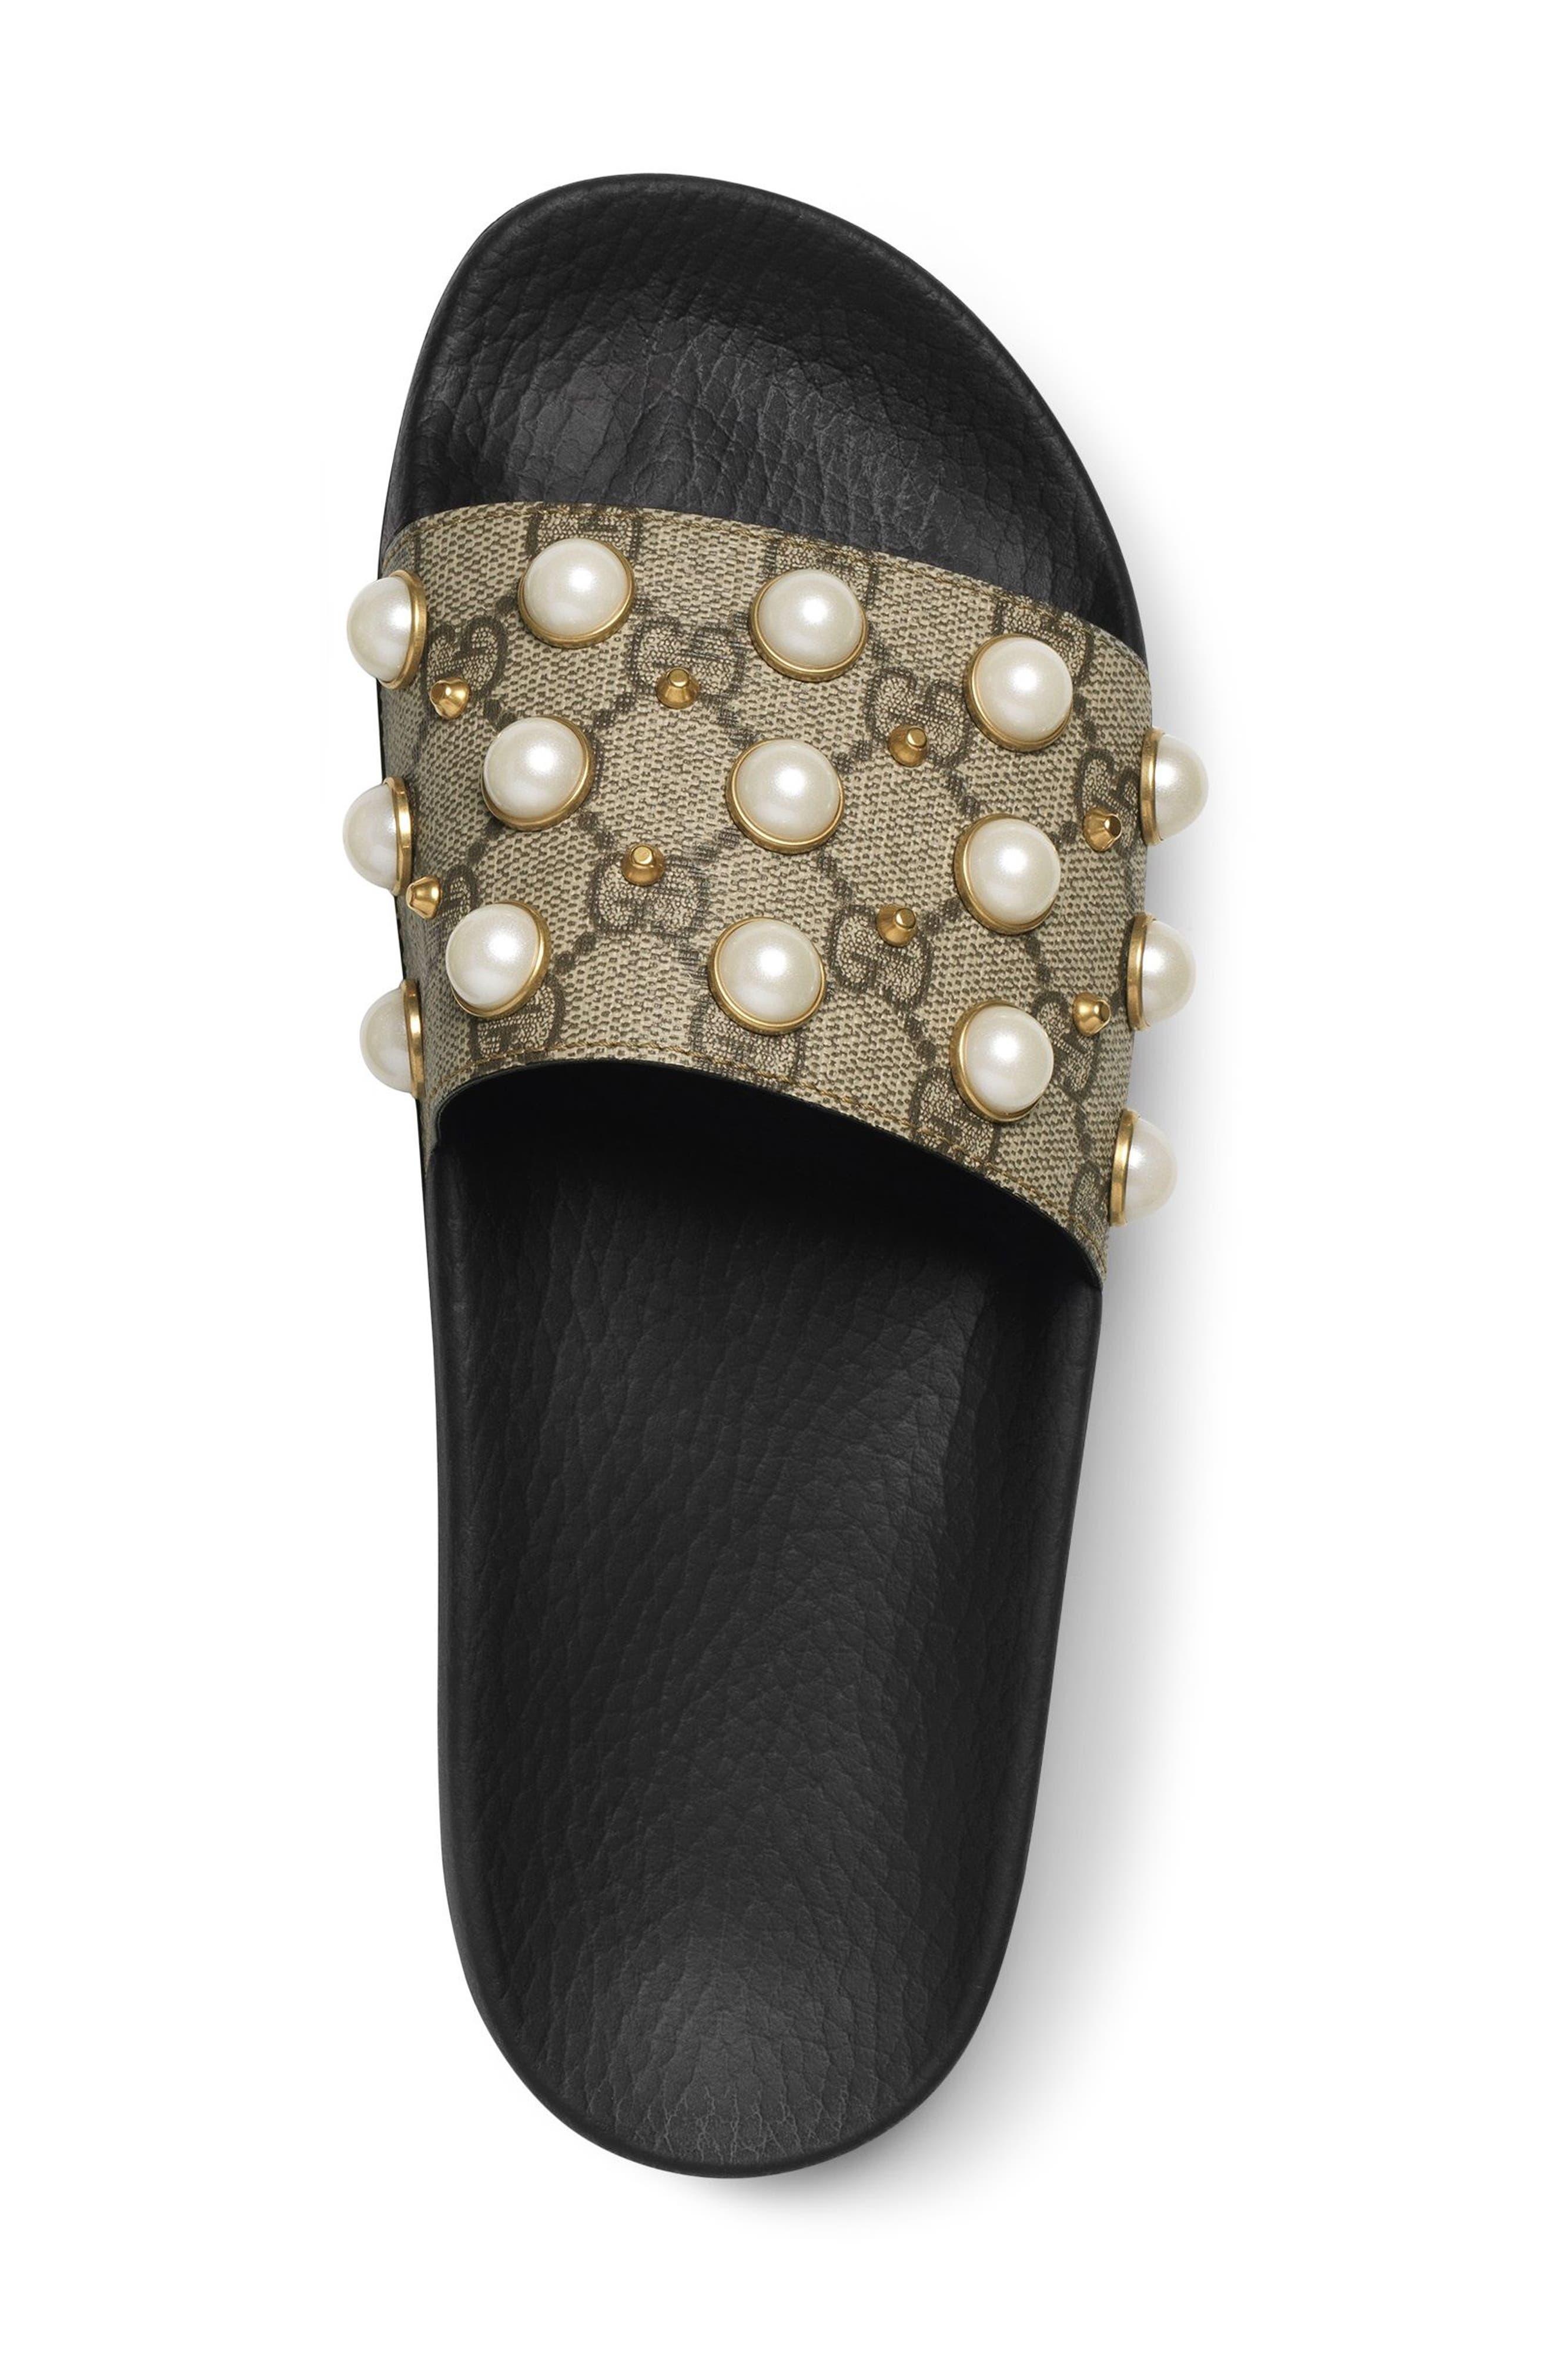 Pursuit Imitation Pearl Embellished Slide Sandal,                             Alternate thumbnail 3, color,                             BEIGE